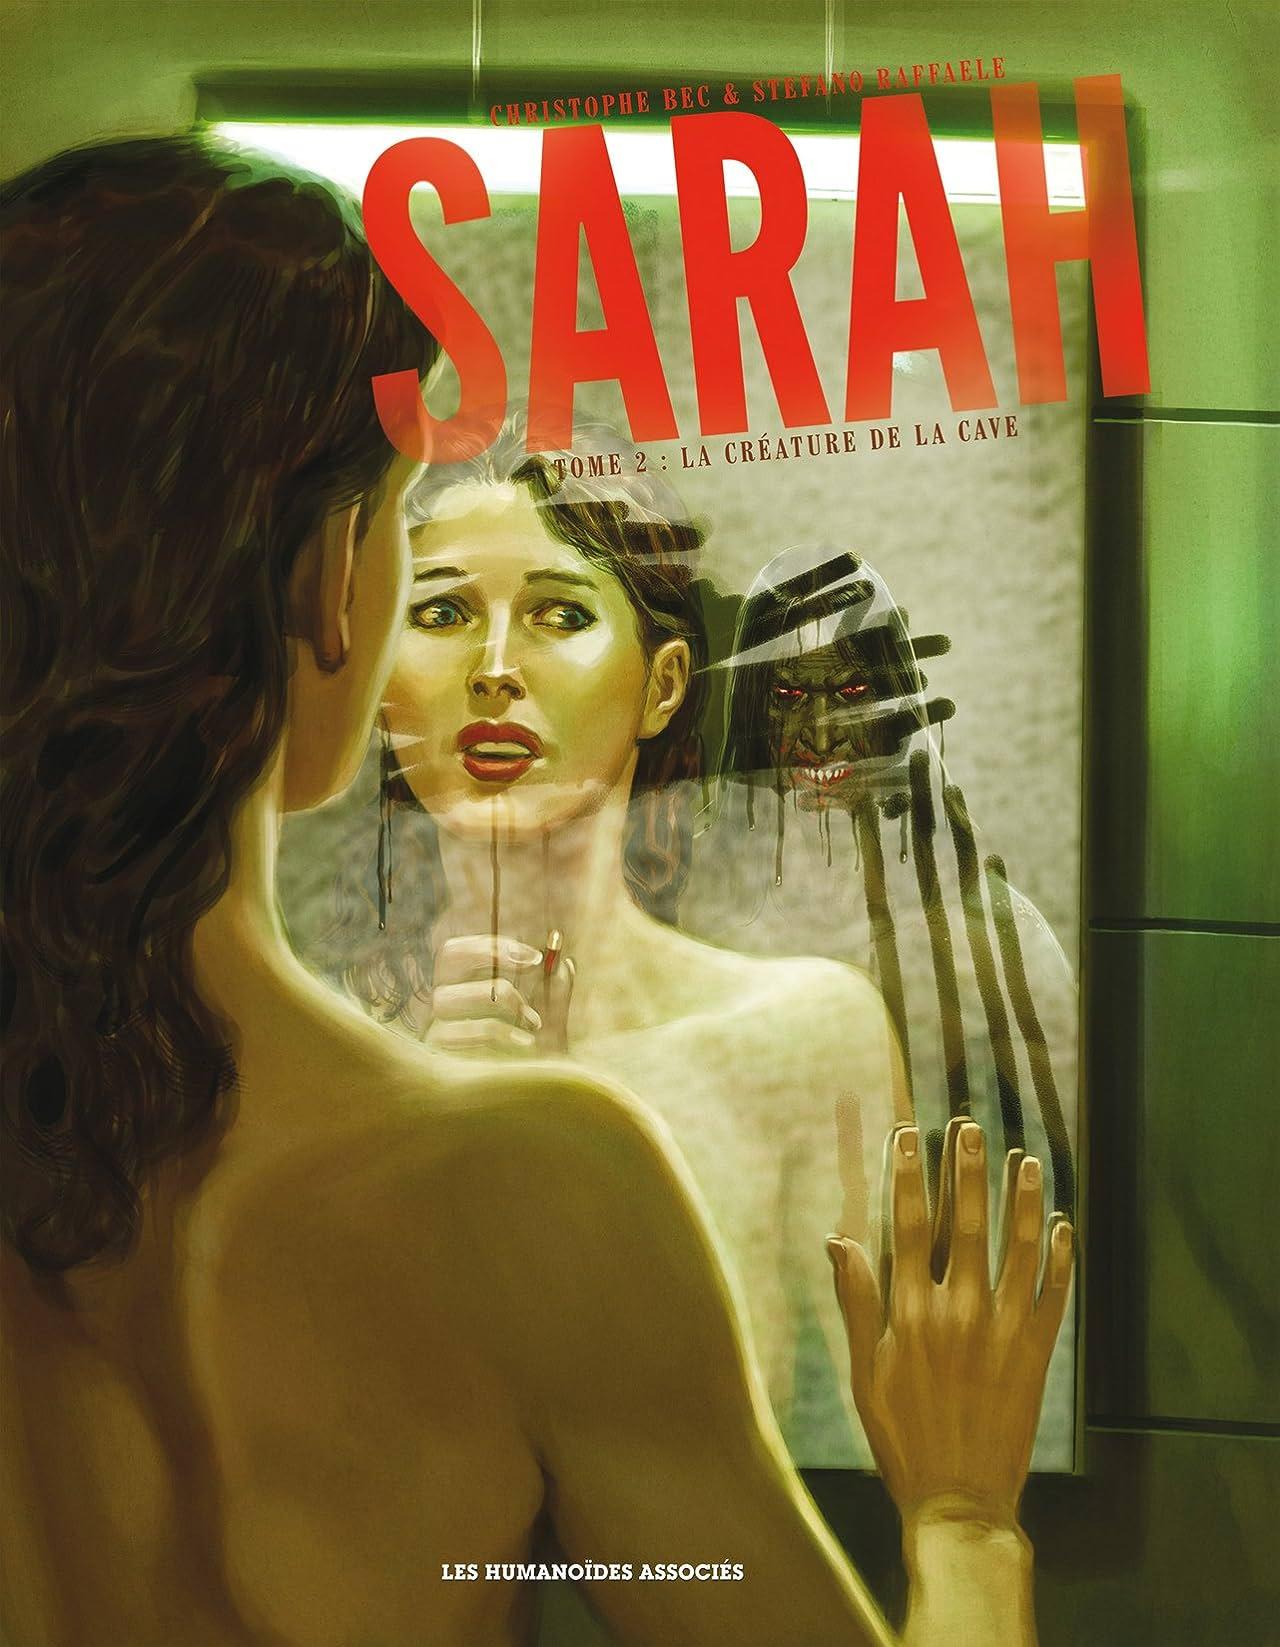 Sarah Vol. 2: La Créature de la cave